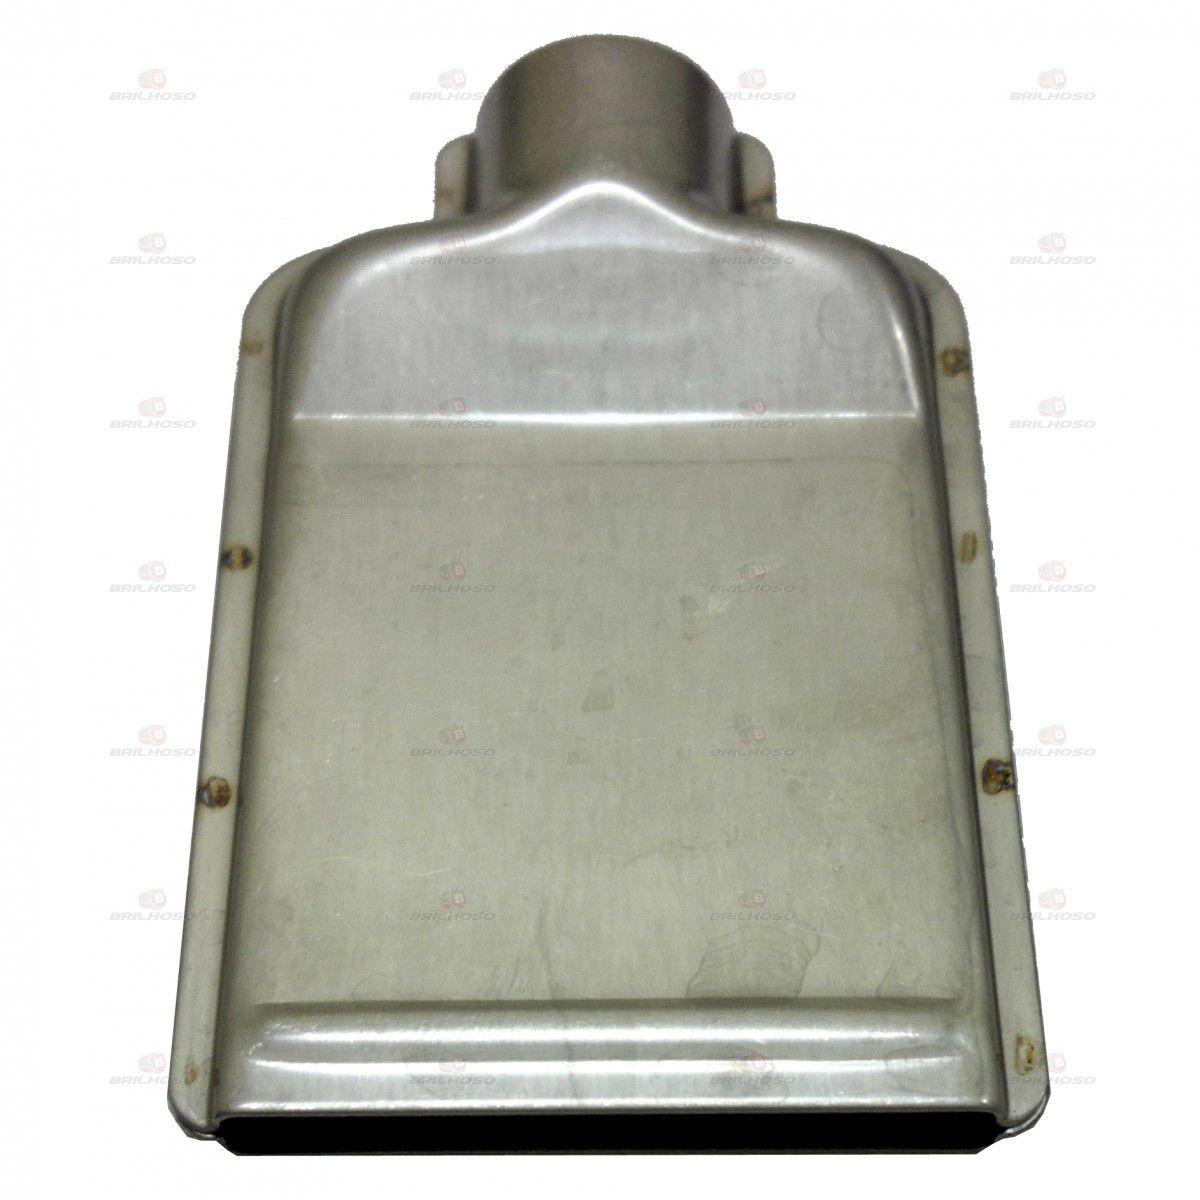 Bico Redutor Tipo Fenda 40mm para Soprador Térmico Steinel  - MRE Ferramentas